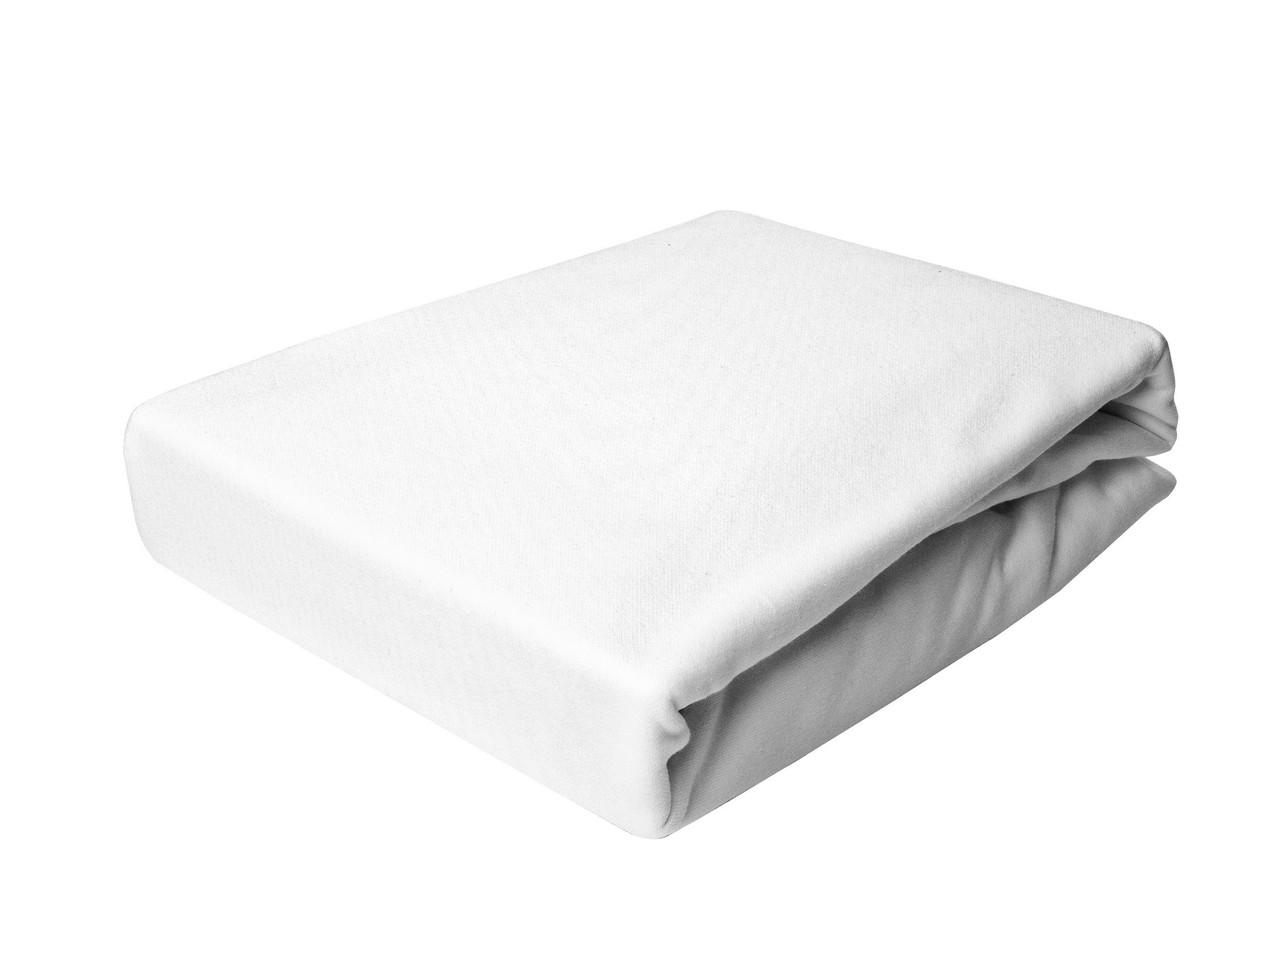 Простыня Трикотажная На резинке NR 014 P.P.H.U. J&M 5354 160x200 см Белая